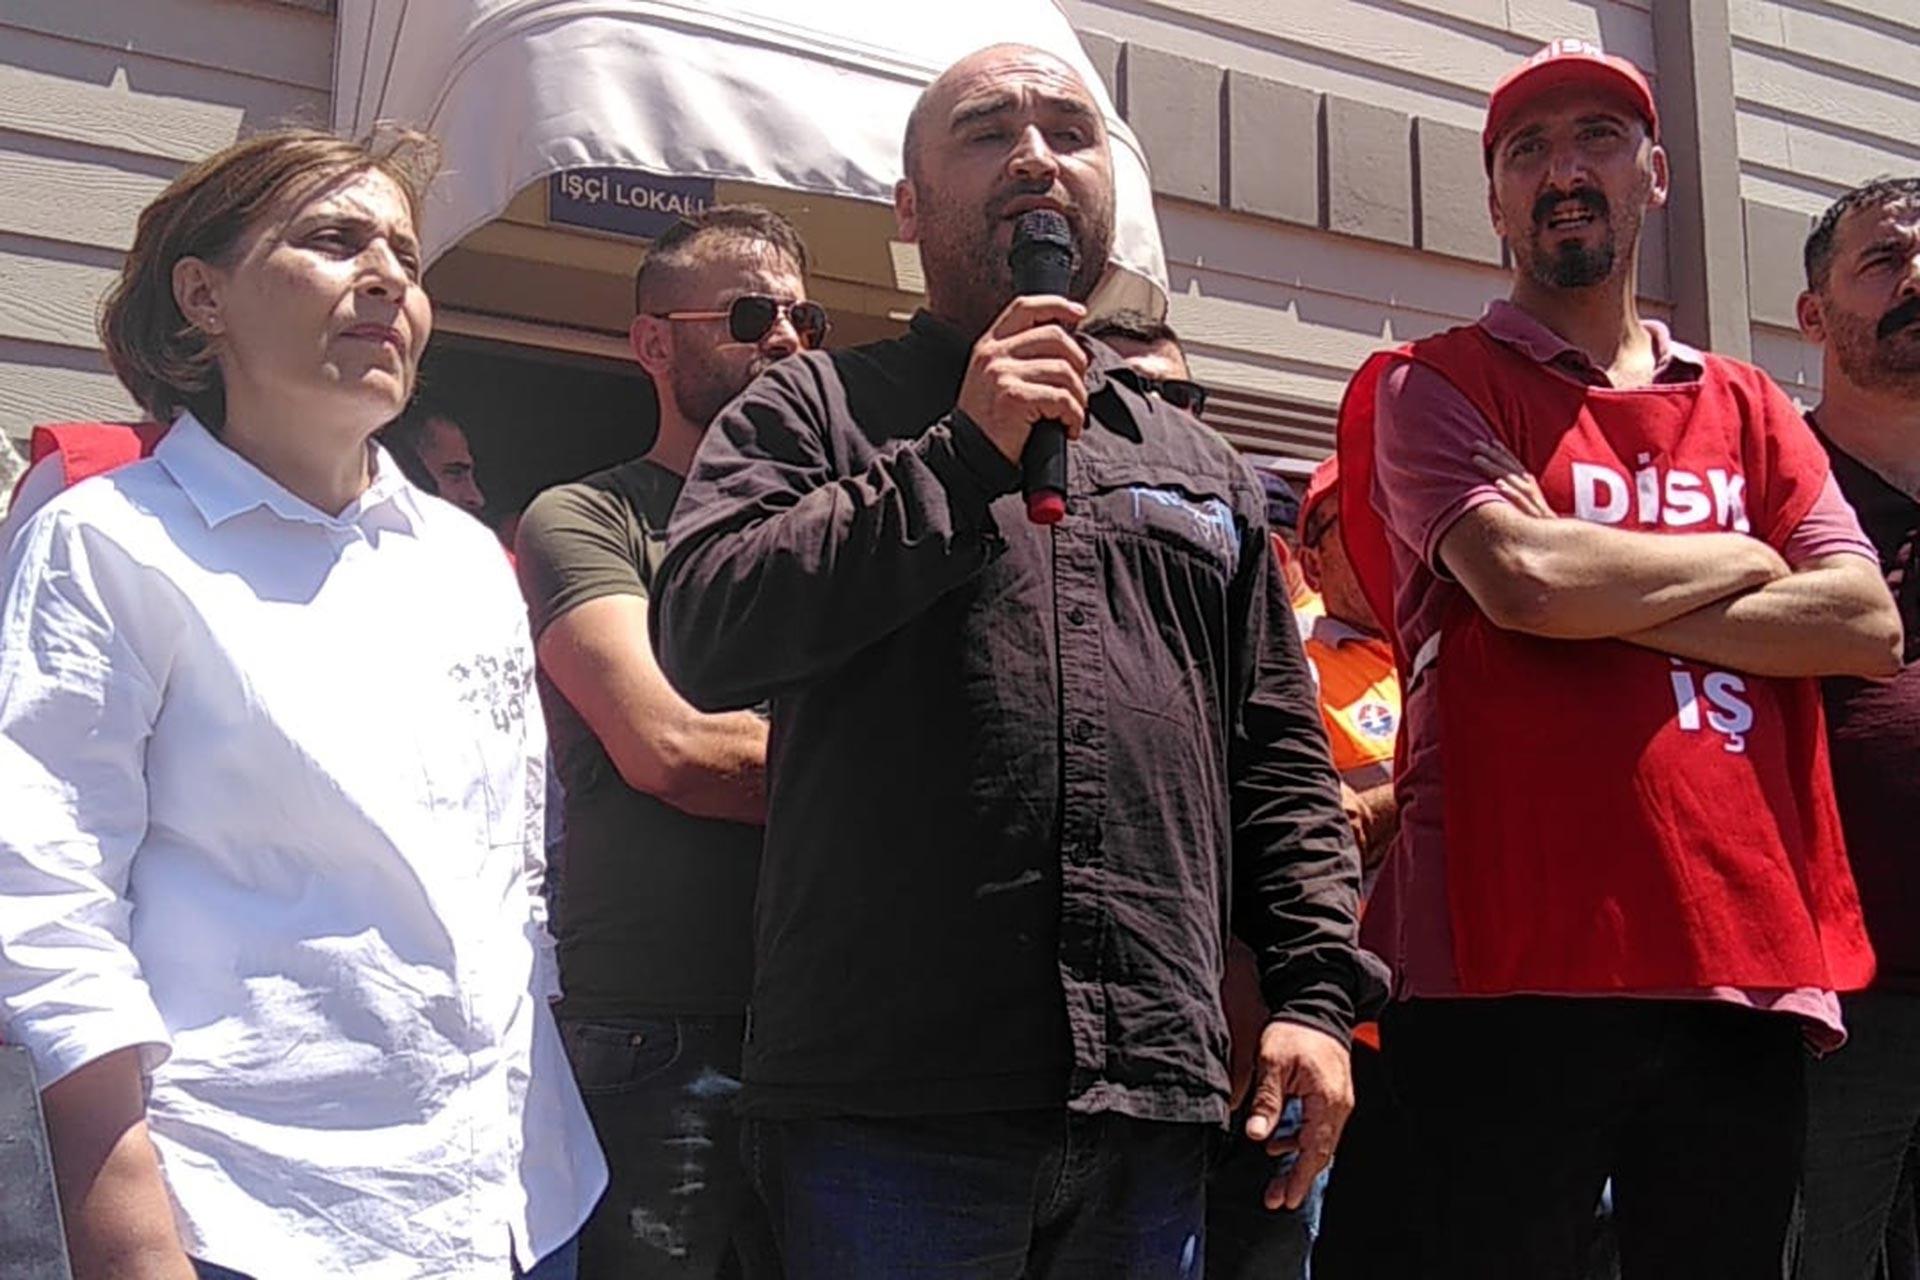 DİSK Genel-İş Anadolu Yakası 1 No'lu Şube Sekreteri Cem Karasoy, iş bırakan Maltepe Belediyesi işçilerini ziyaret etti